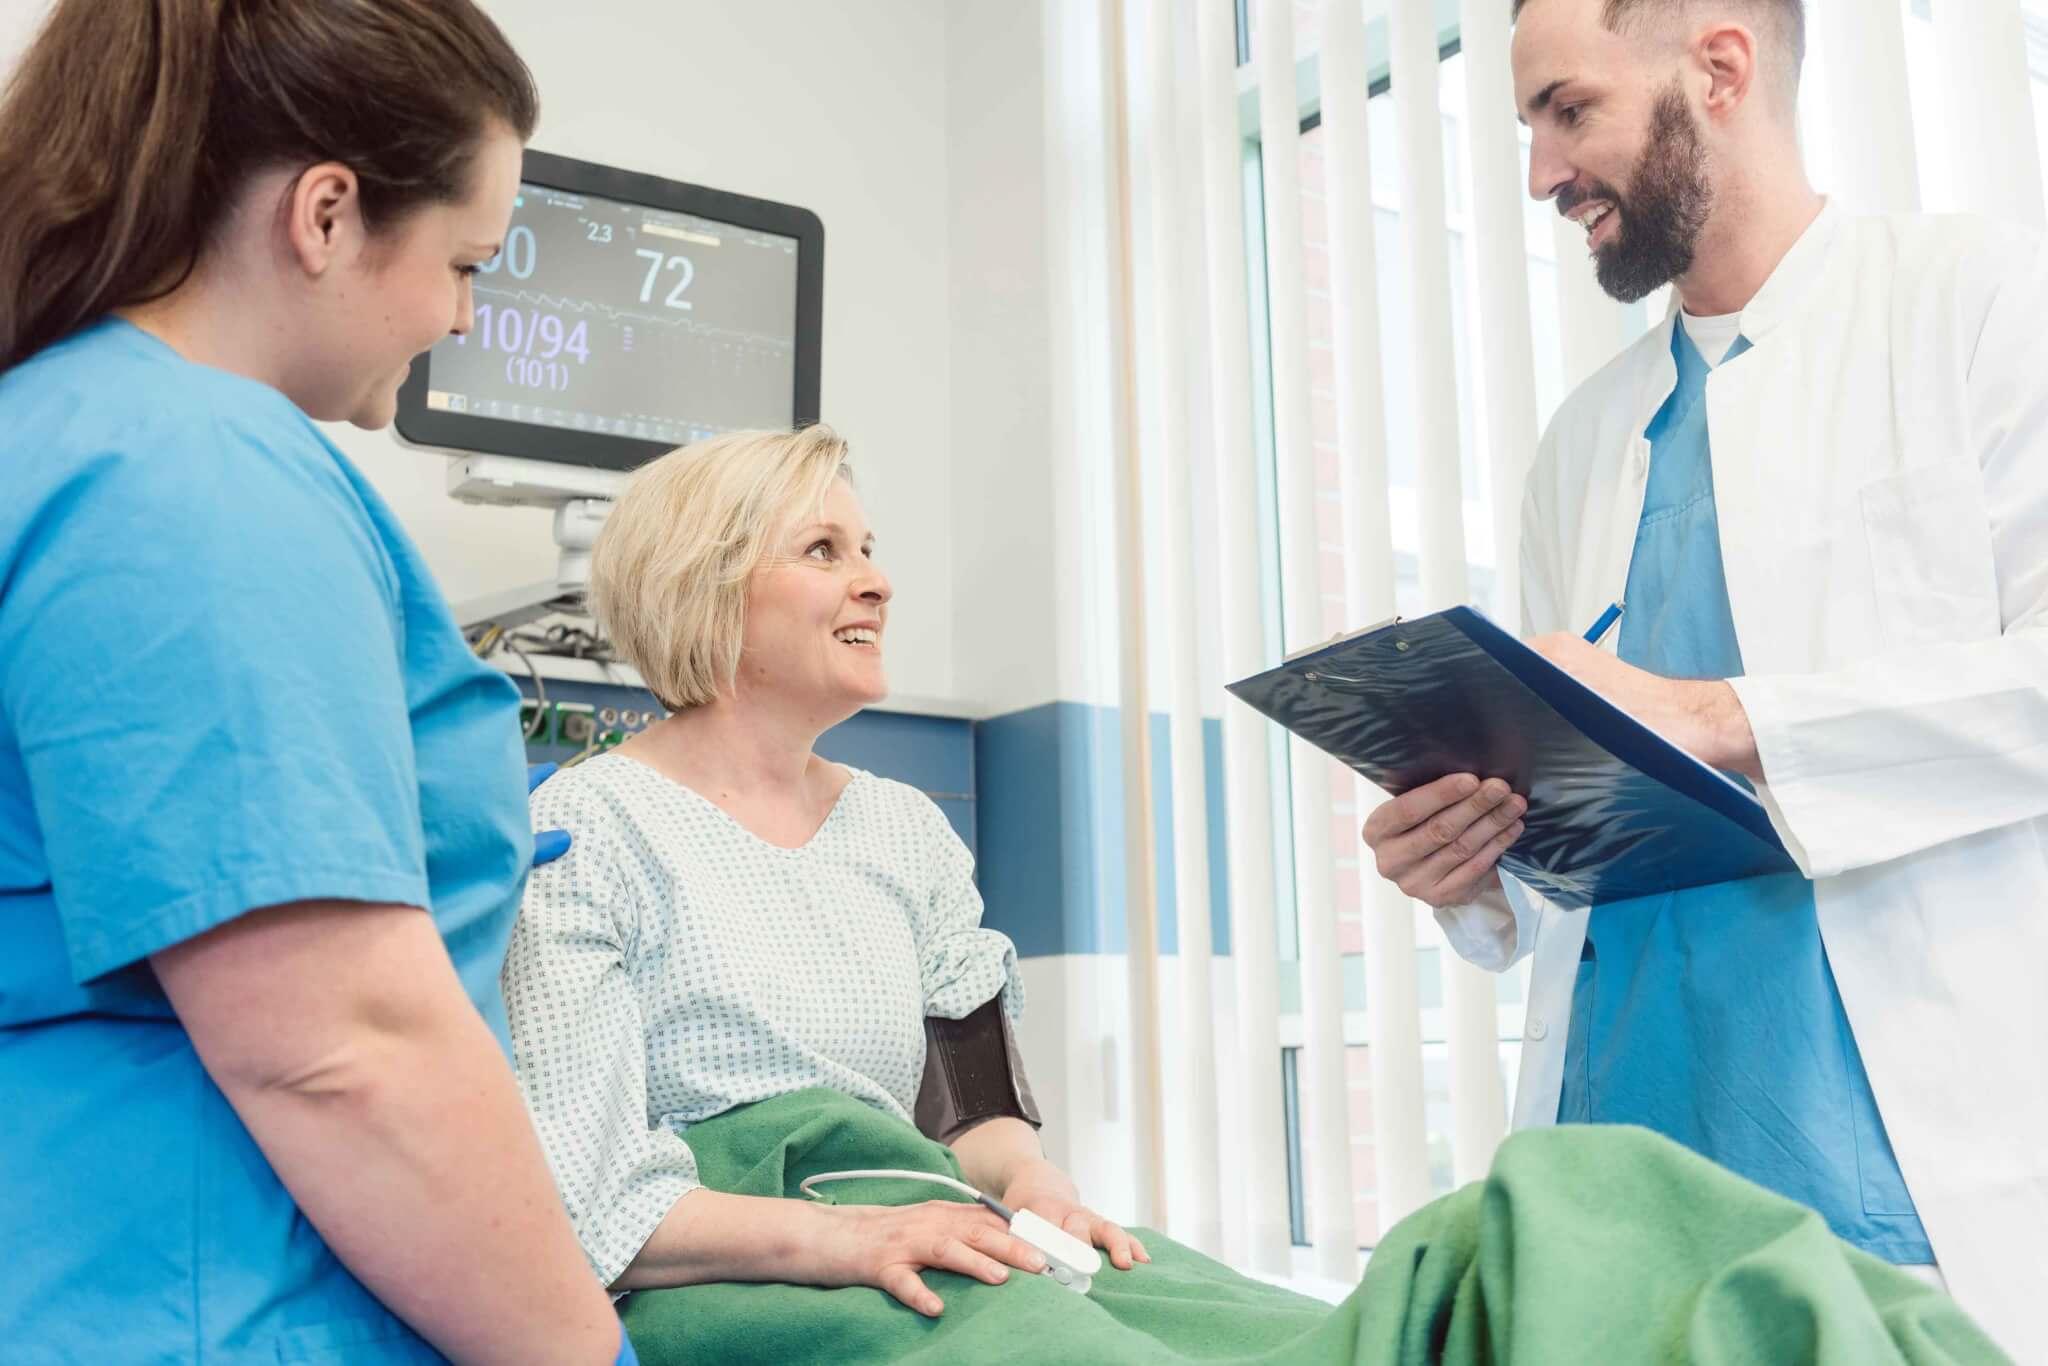 Patientin im Krankenhaus im Gespräch mit Arzt und Krankenschwester